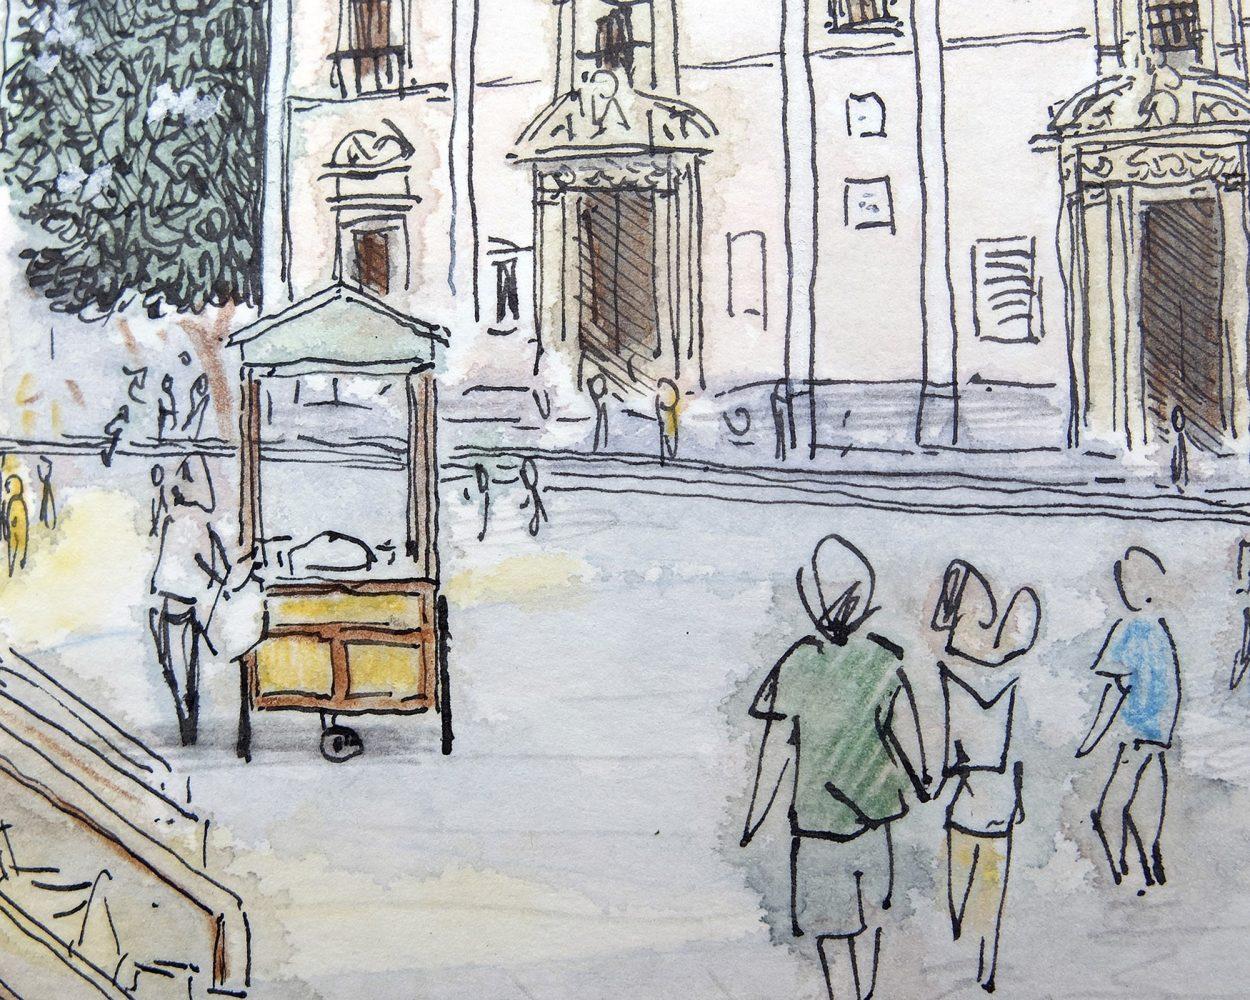 Detalle de un dibujo en acuarela calle del barrio del carme. Ilustracion, urban sketchers